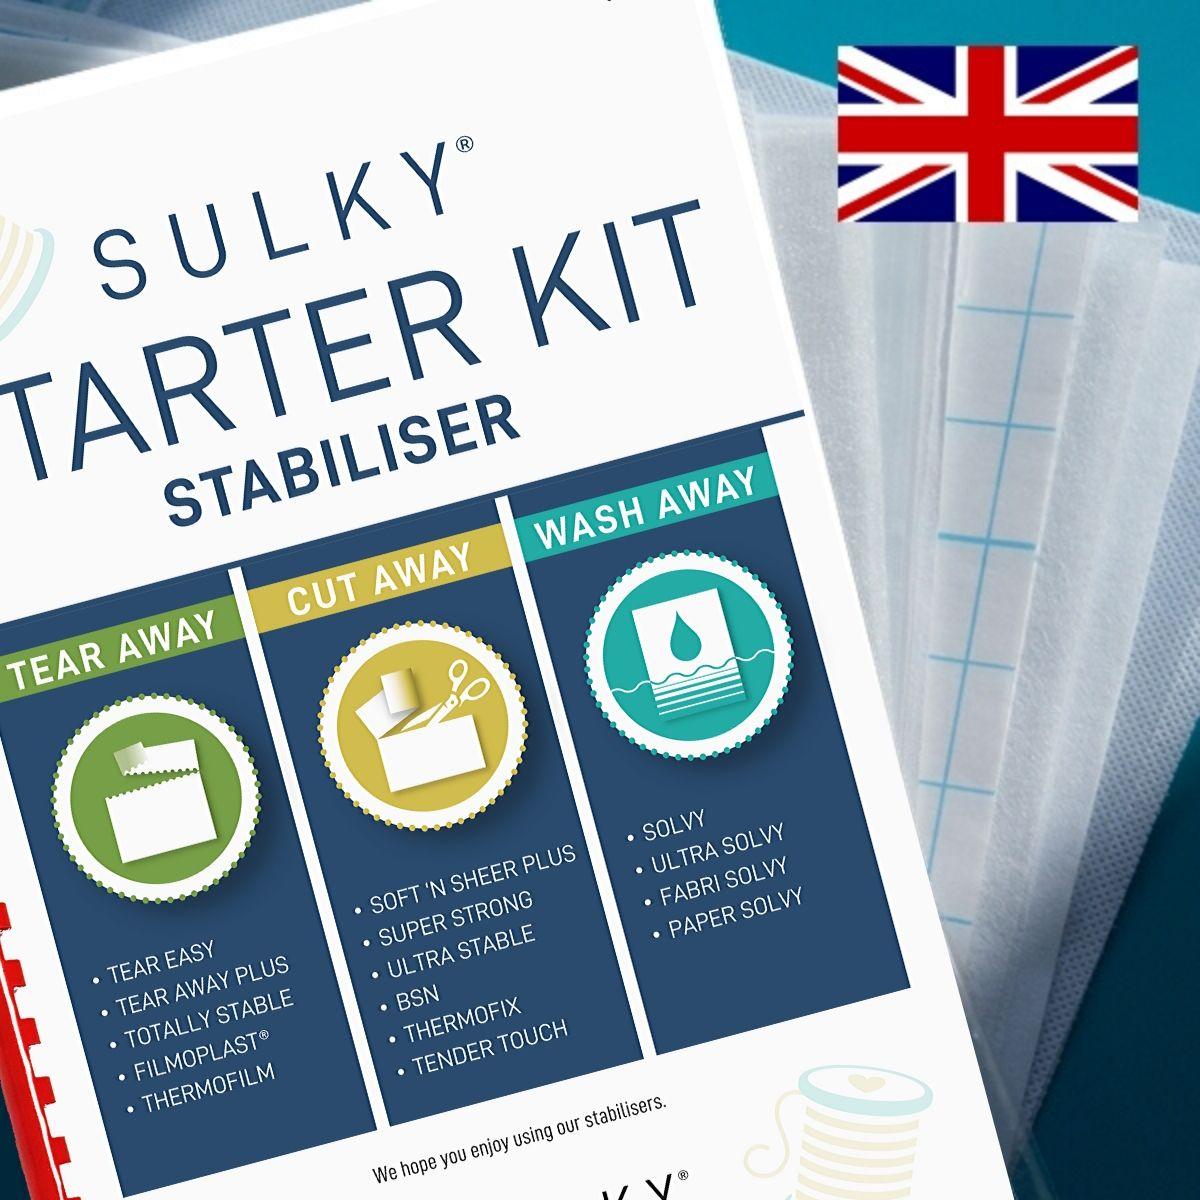 start kit stabilisering